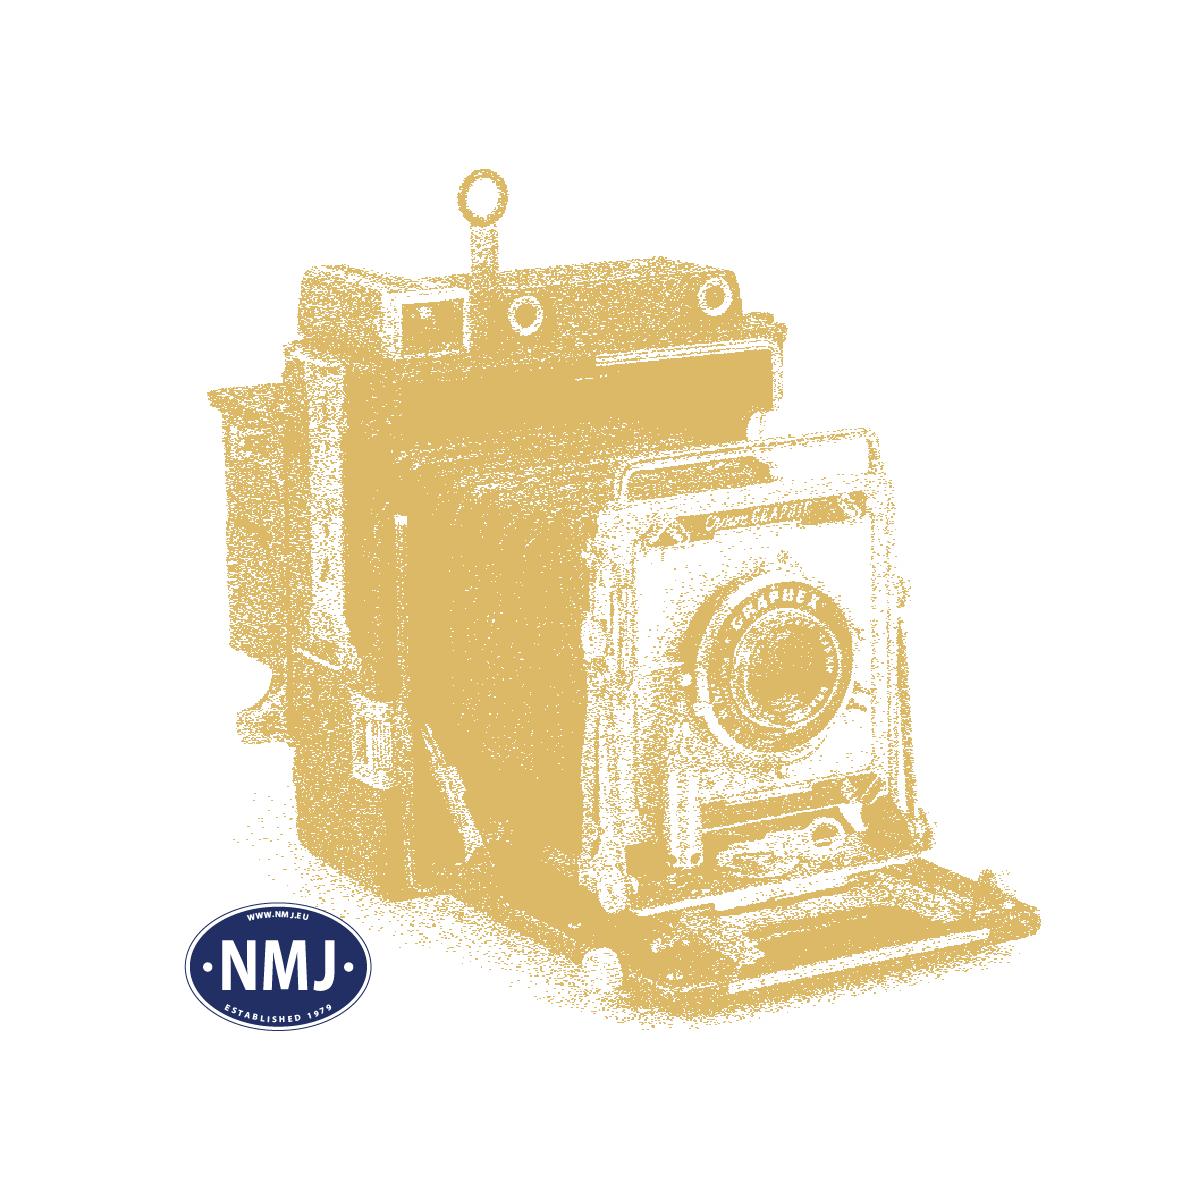 NMJSE2.1046 - NMJ Superline Modell der SJ Schlepptenderlok E2.1046